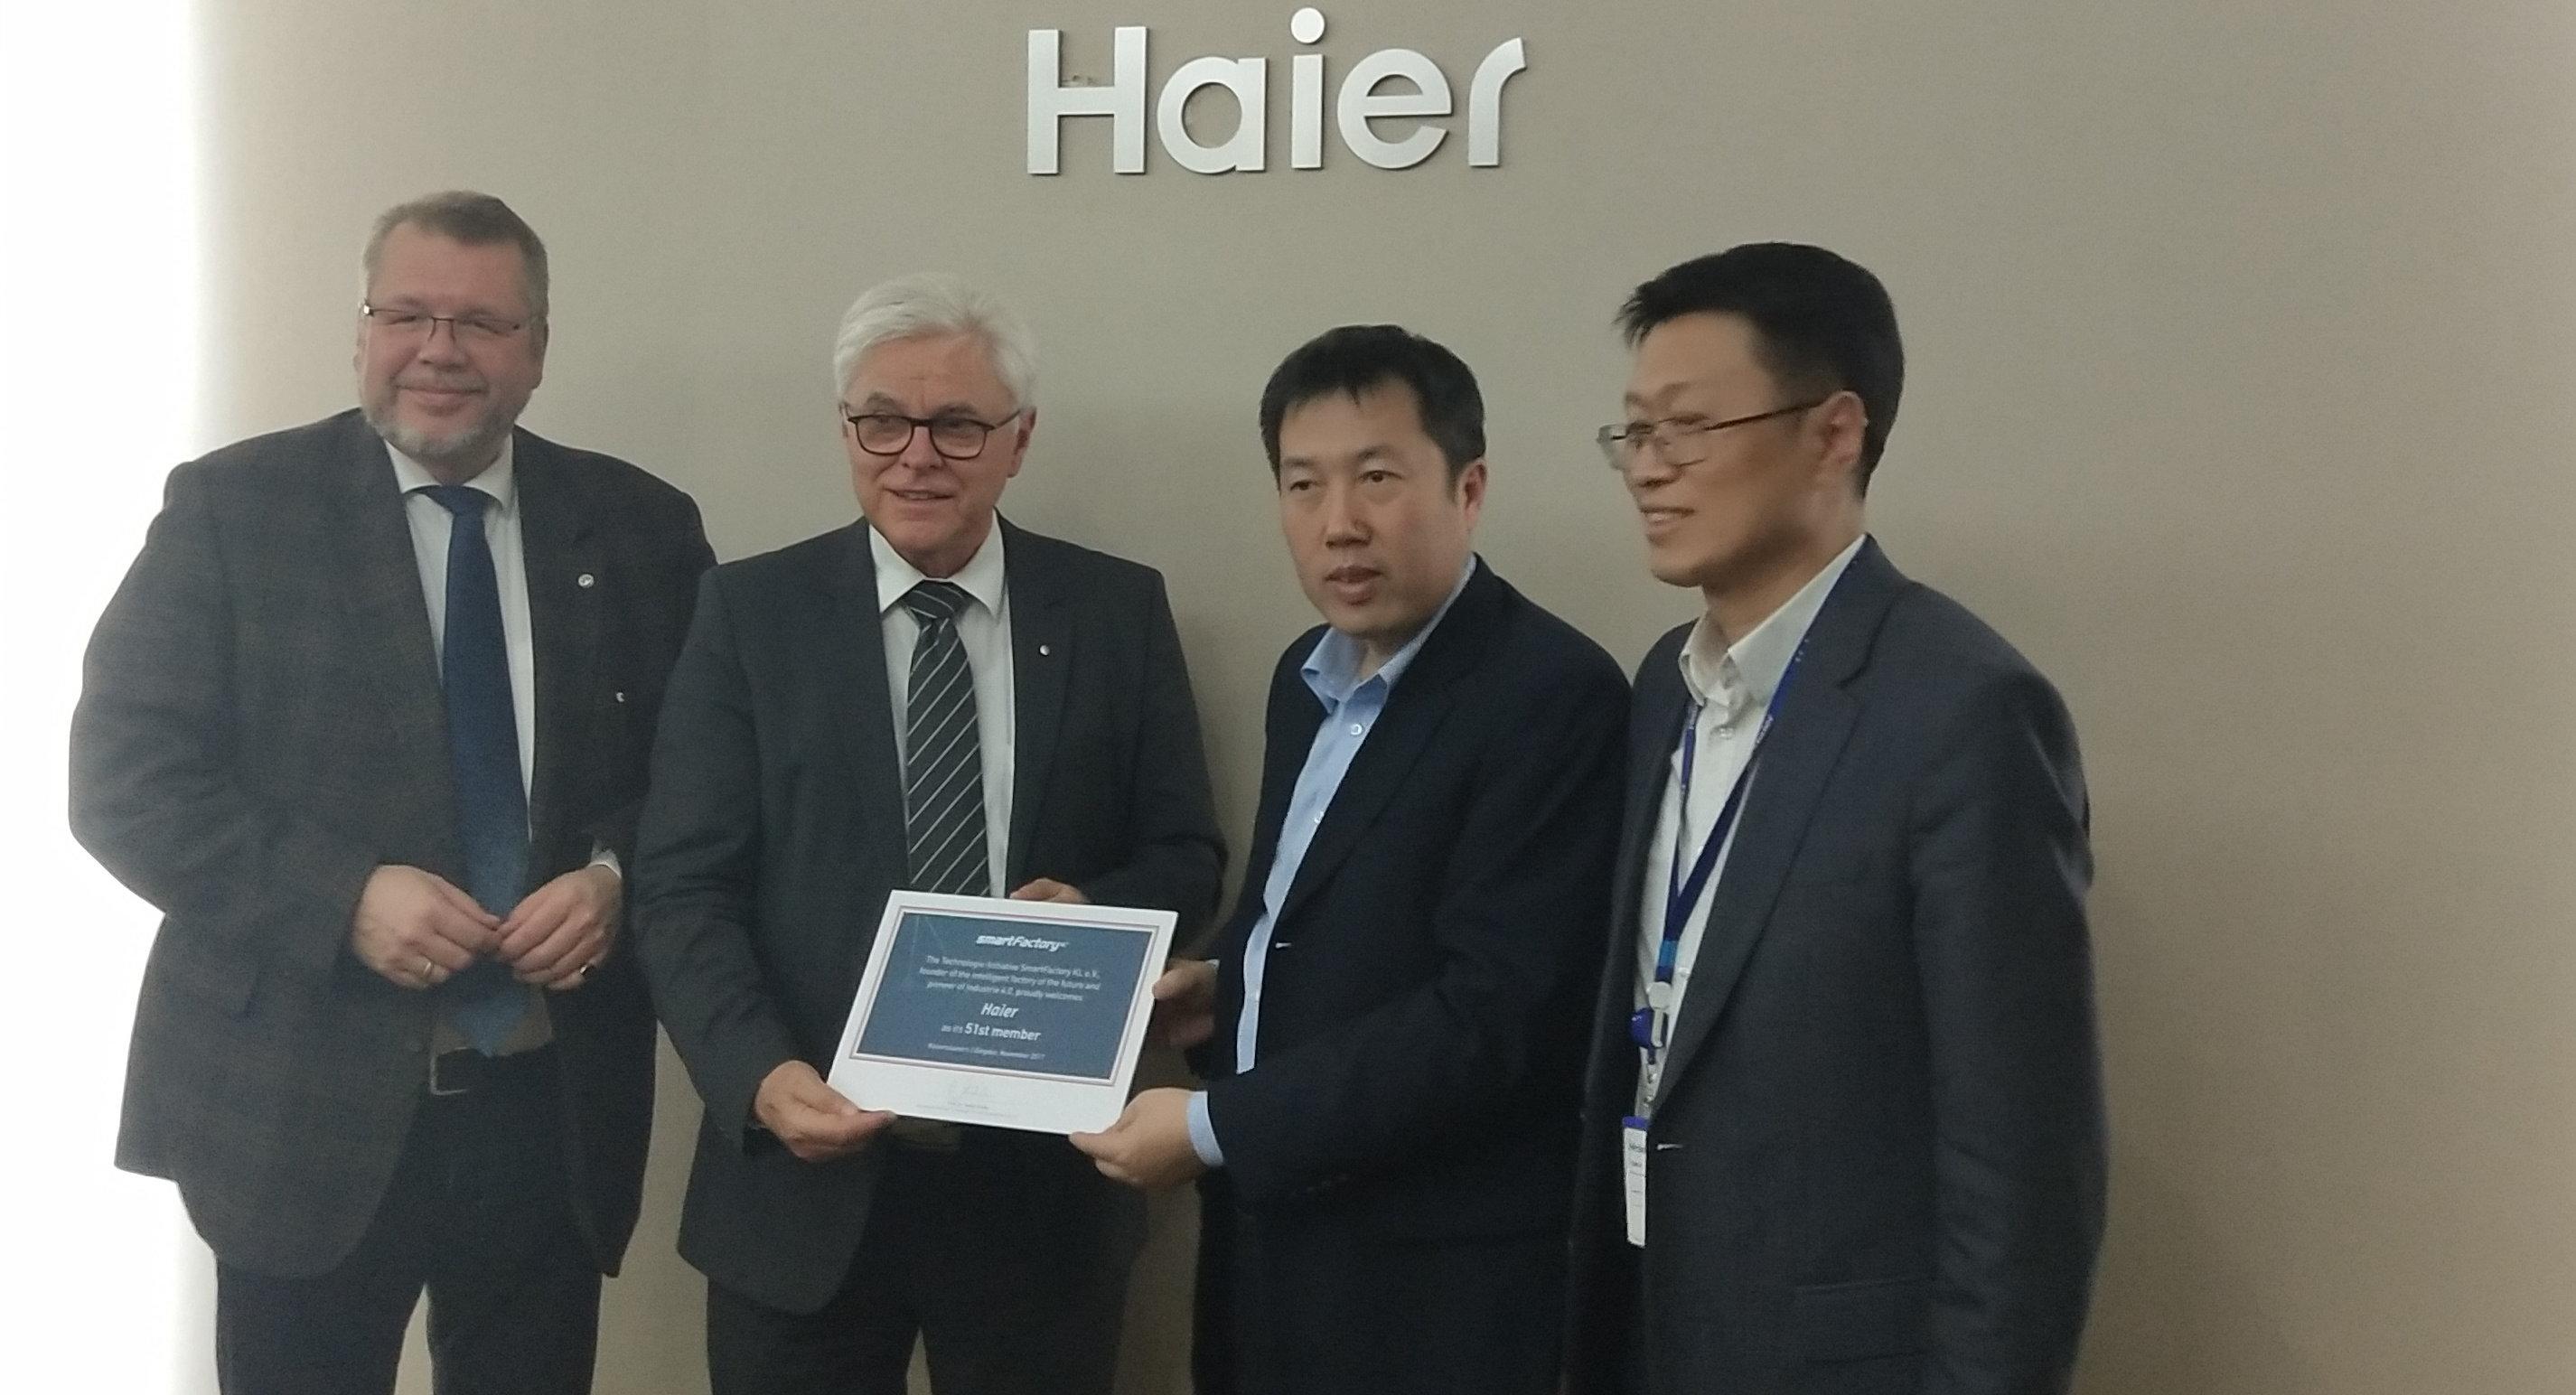 Haier new member of SmartFactory-KL